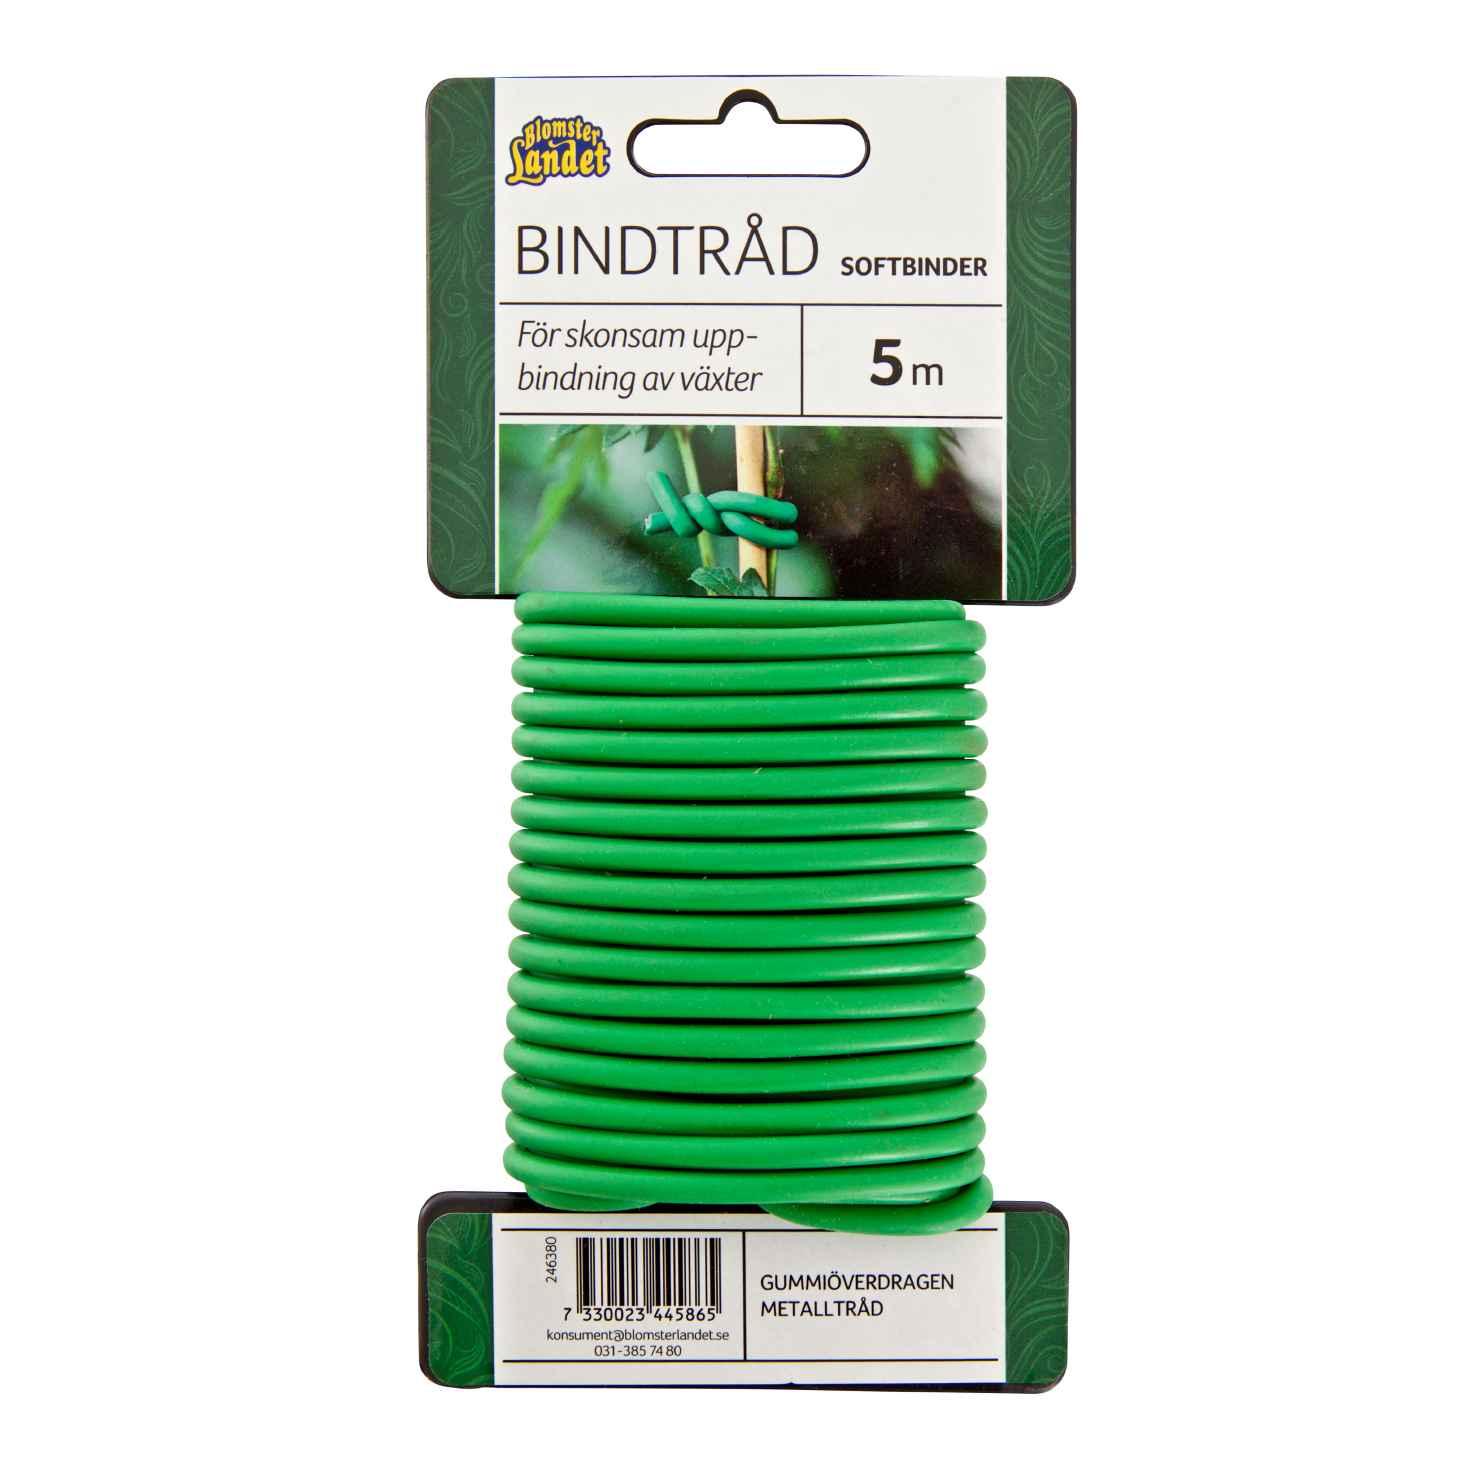 Produktbild på Bindtråd Softbinder Blomsterlandet